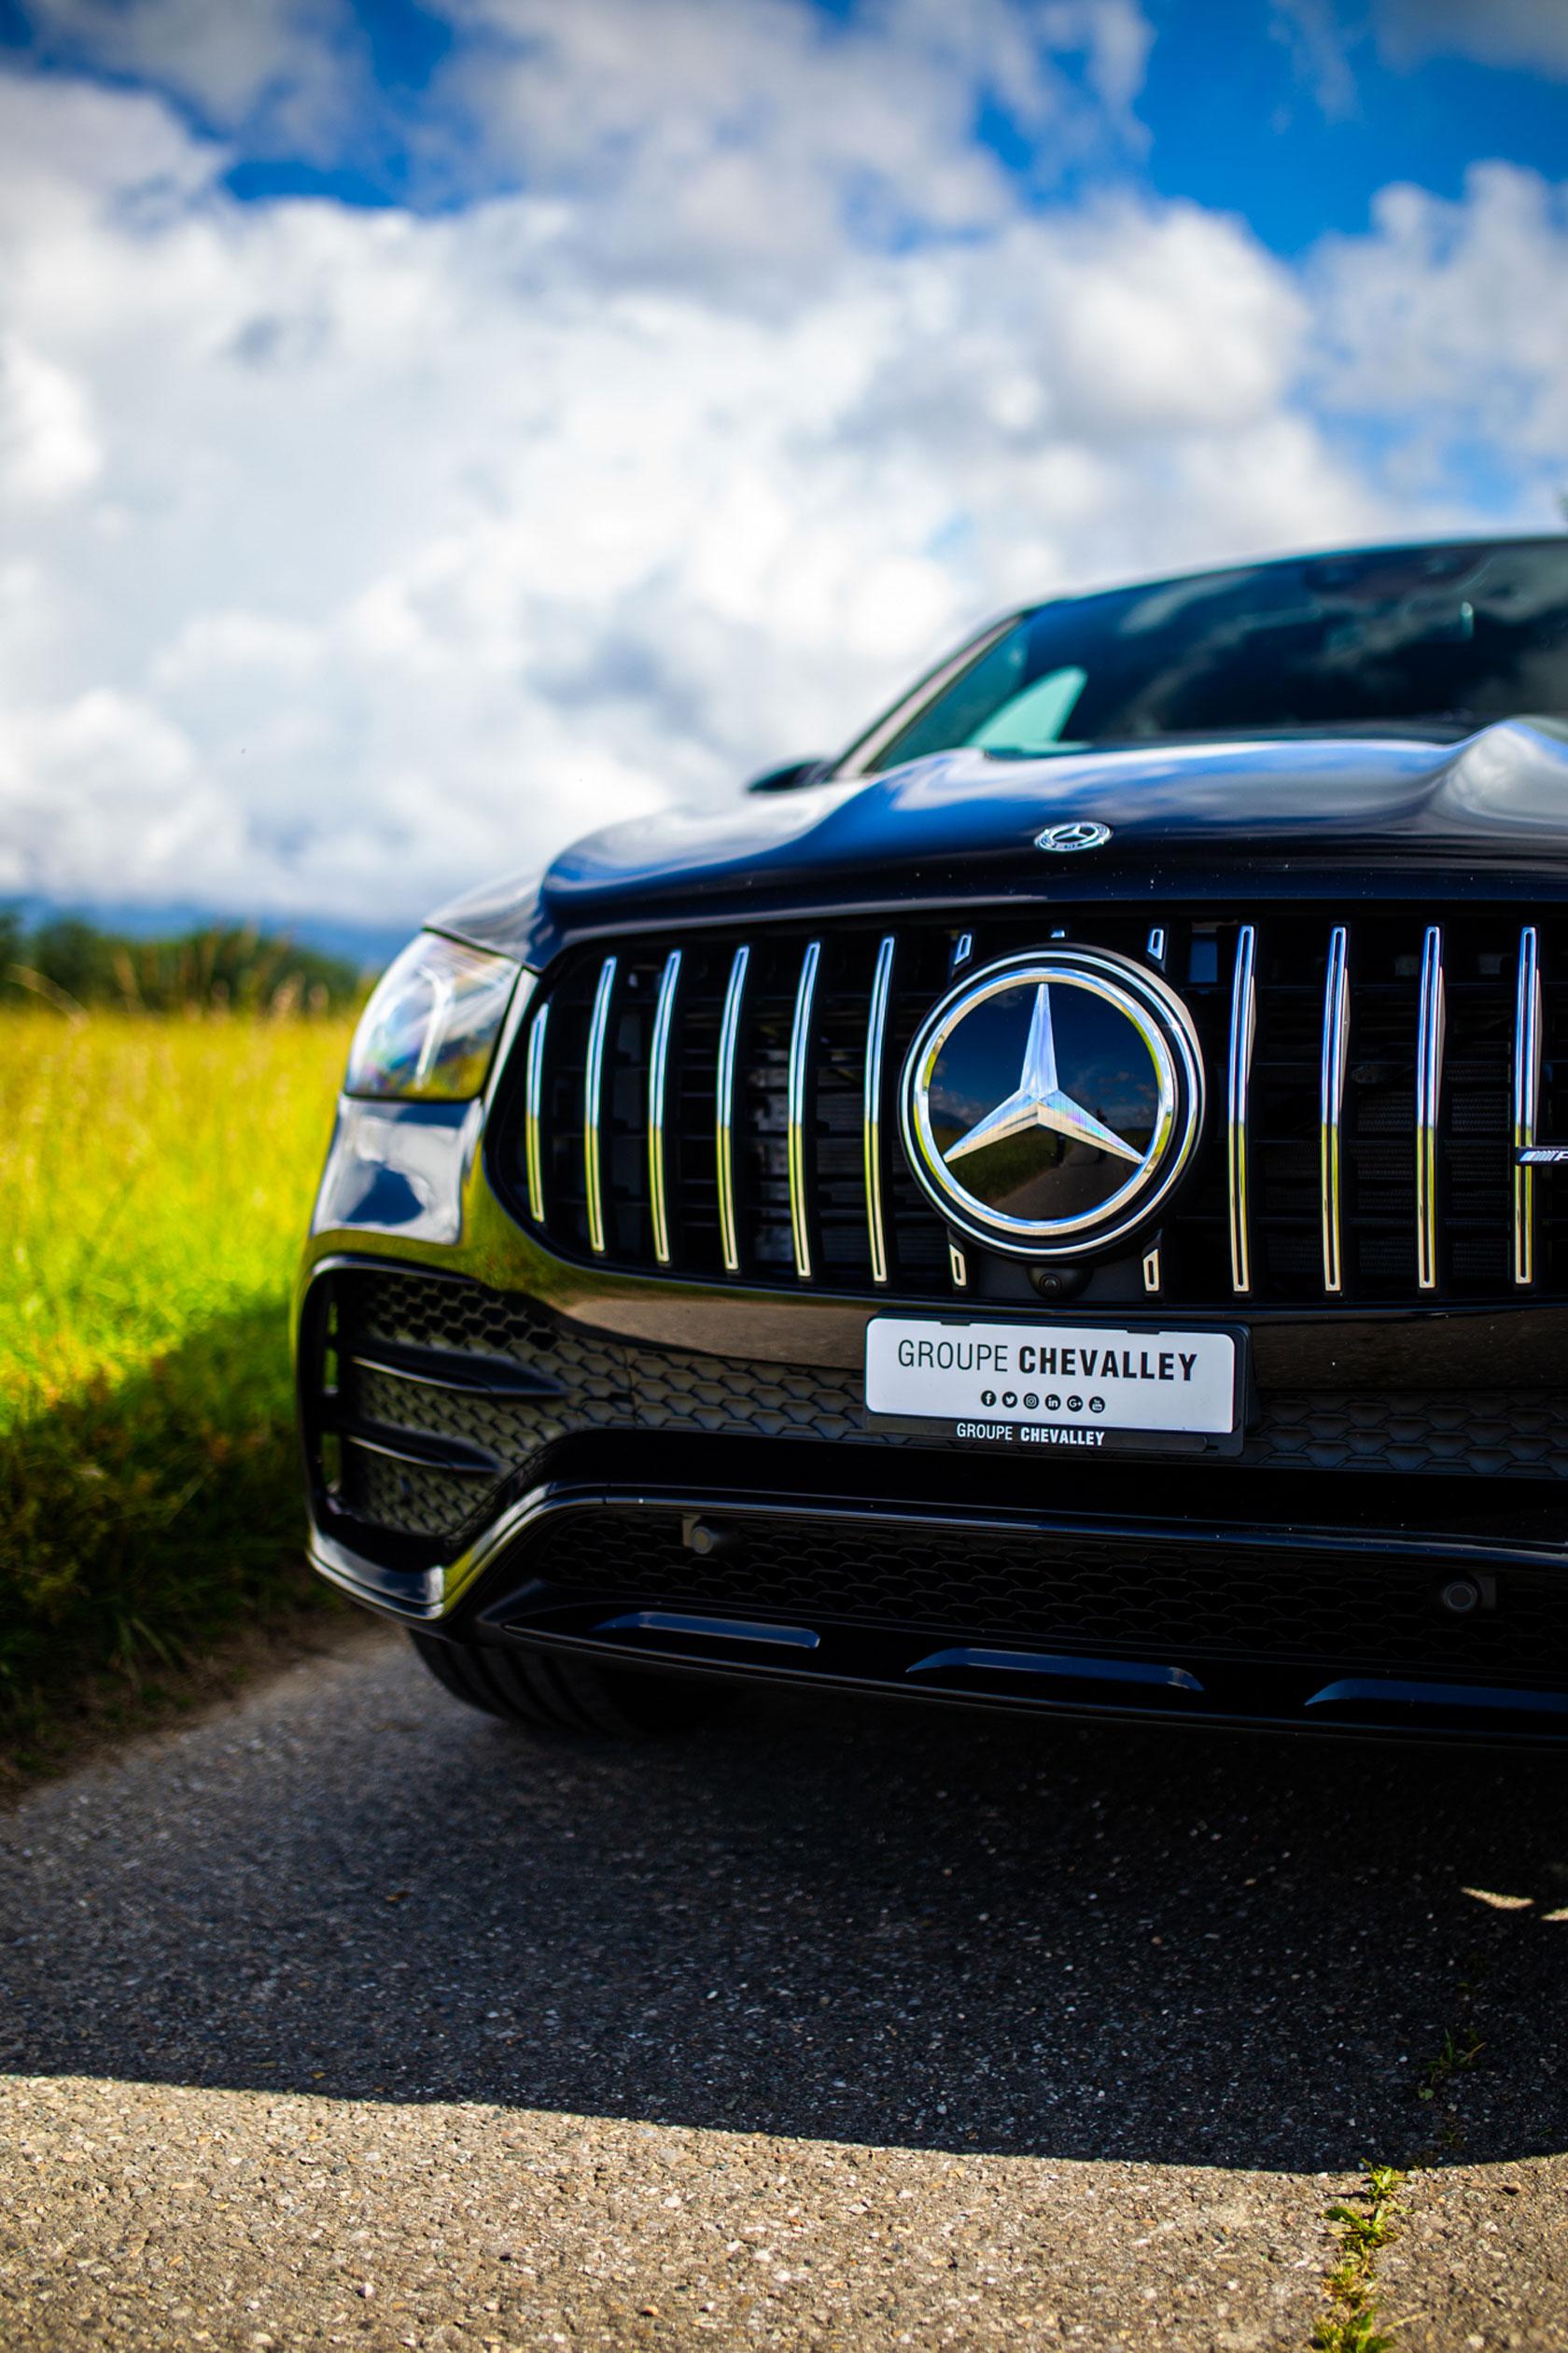 Essai et shooting du Mercedes-AMG GLE 53 4Matic+ Coupé